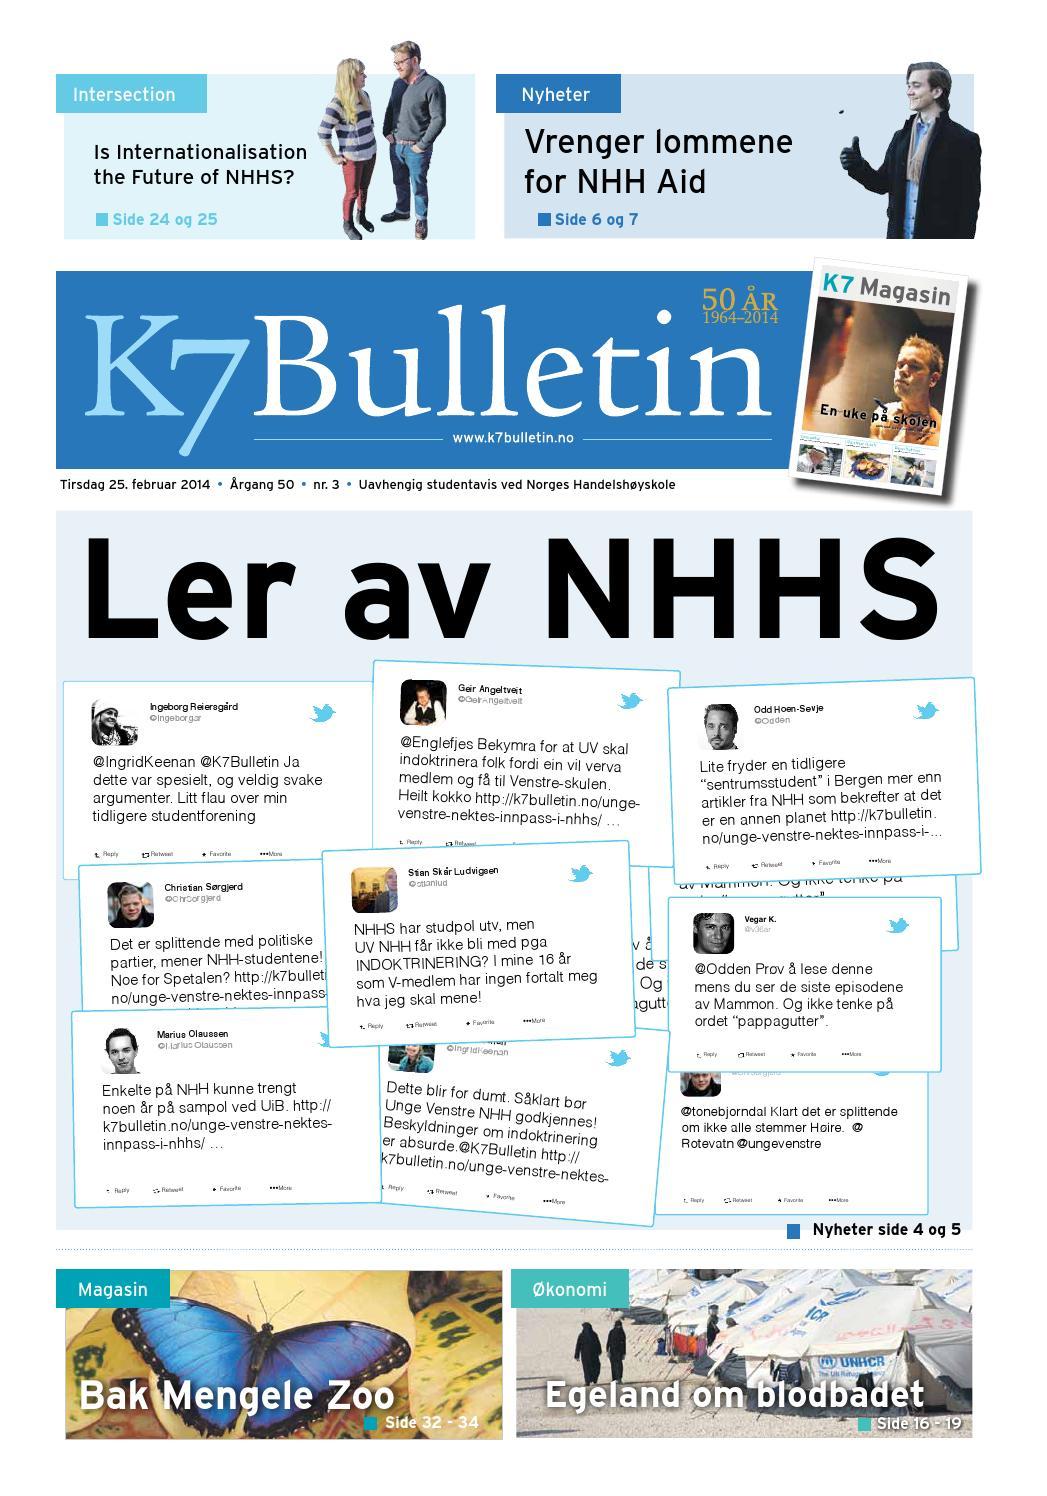 K7 bulletin